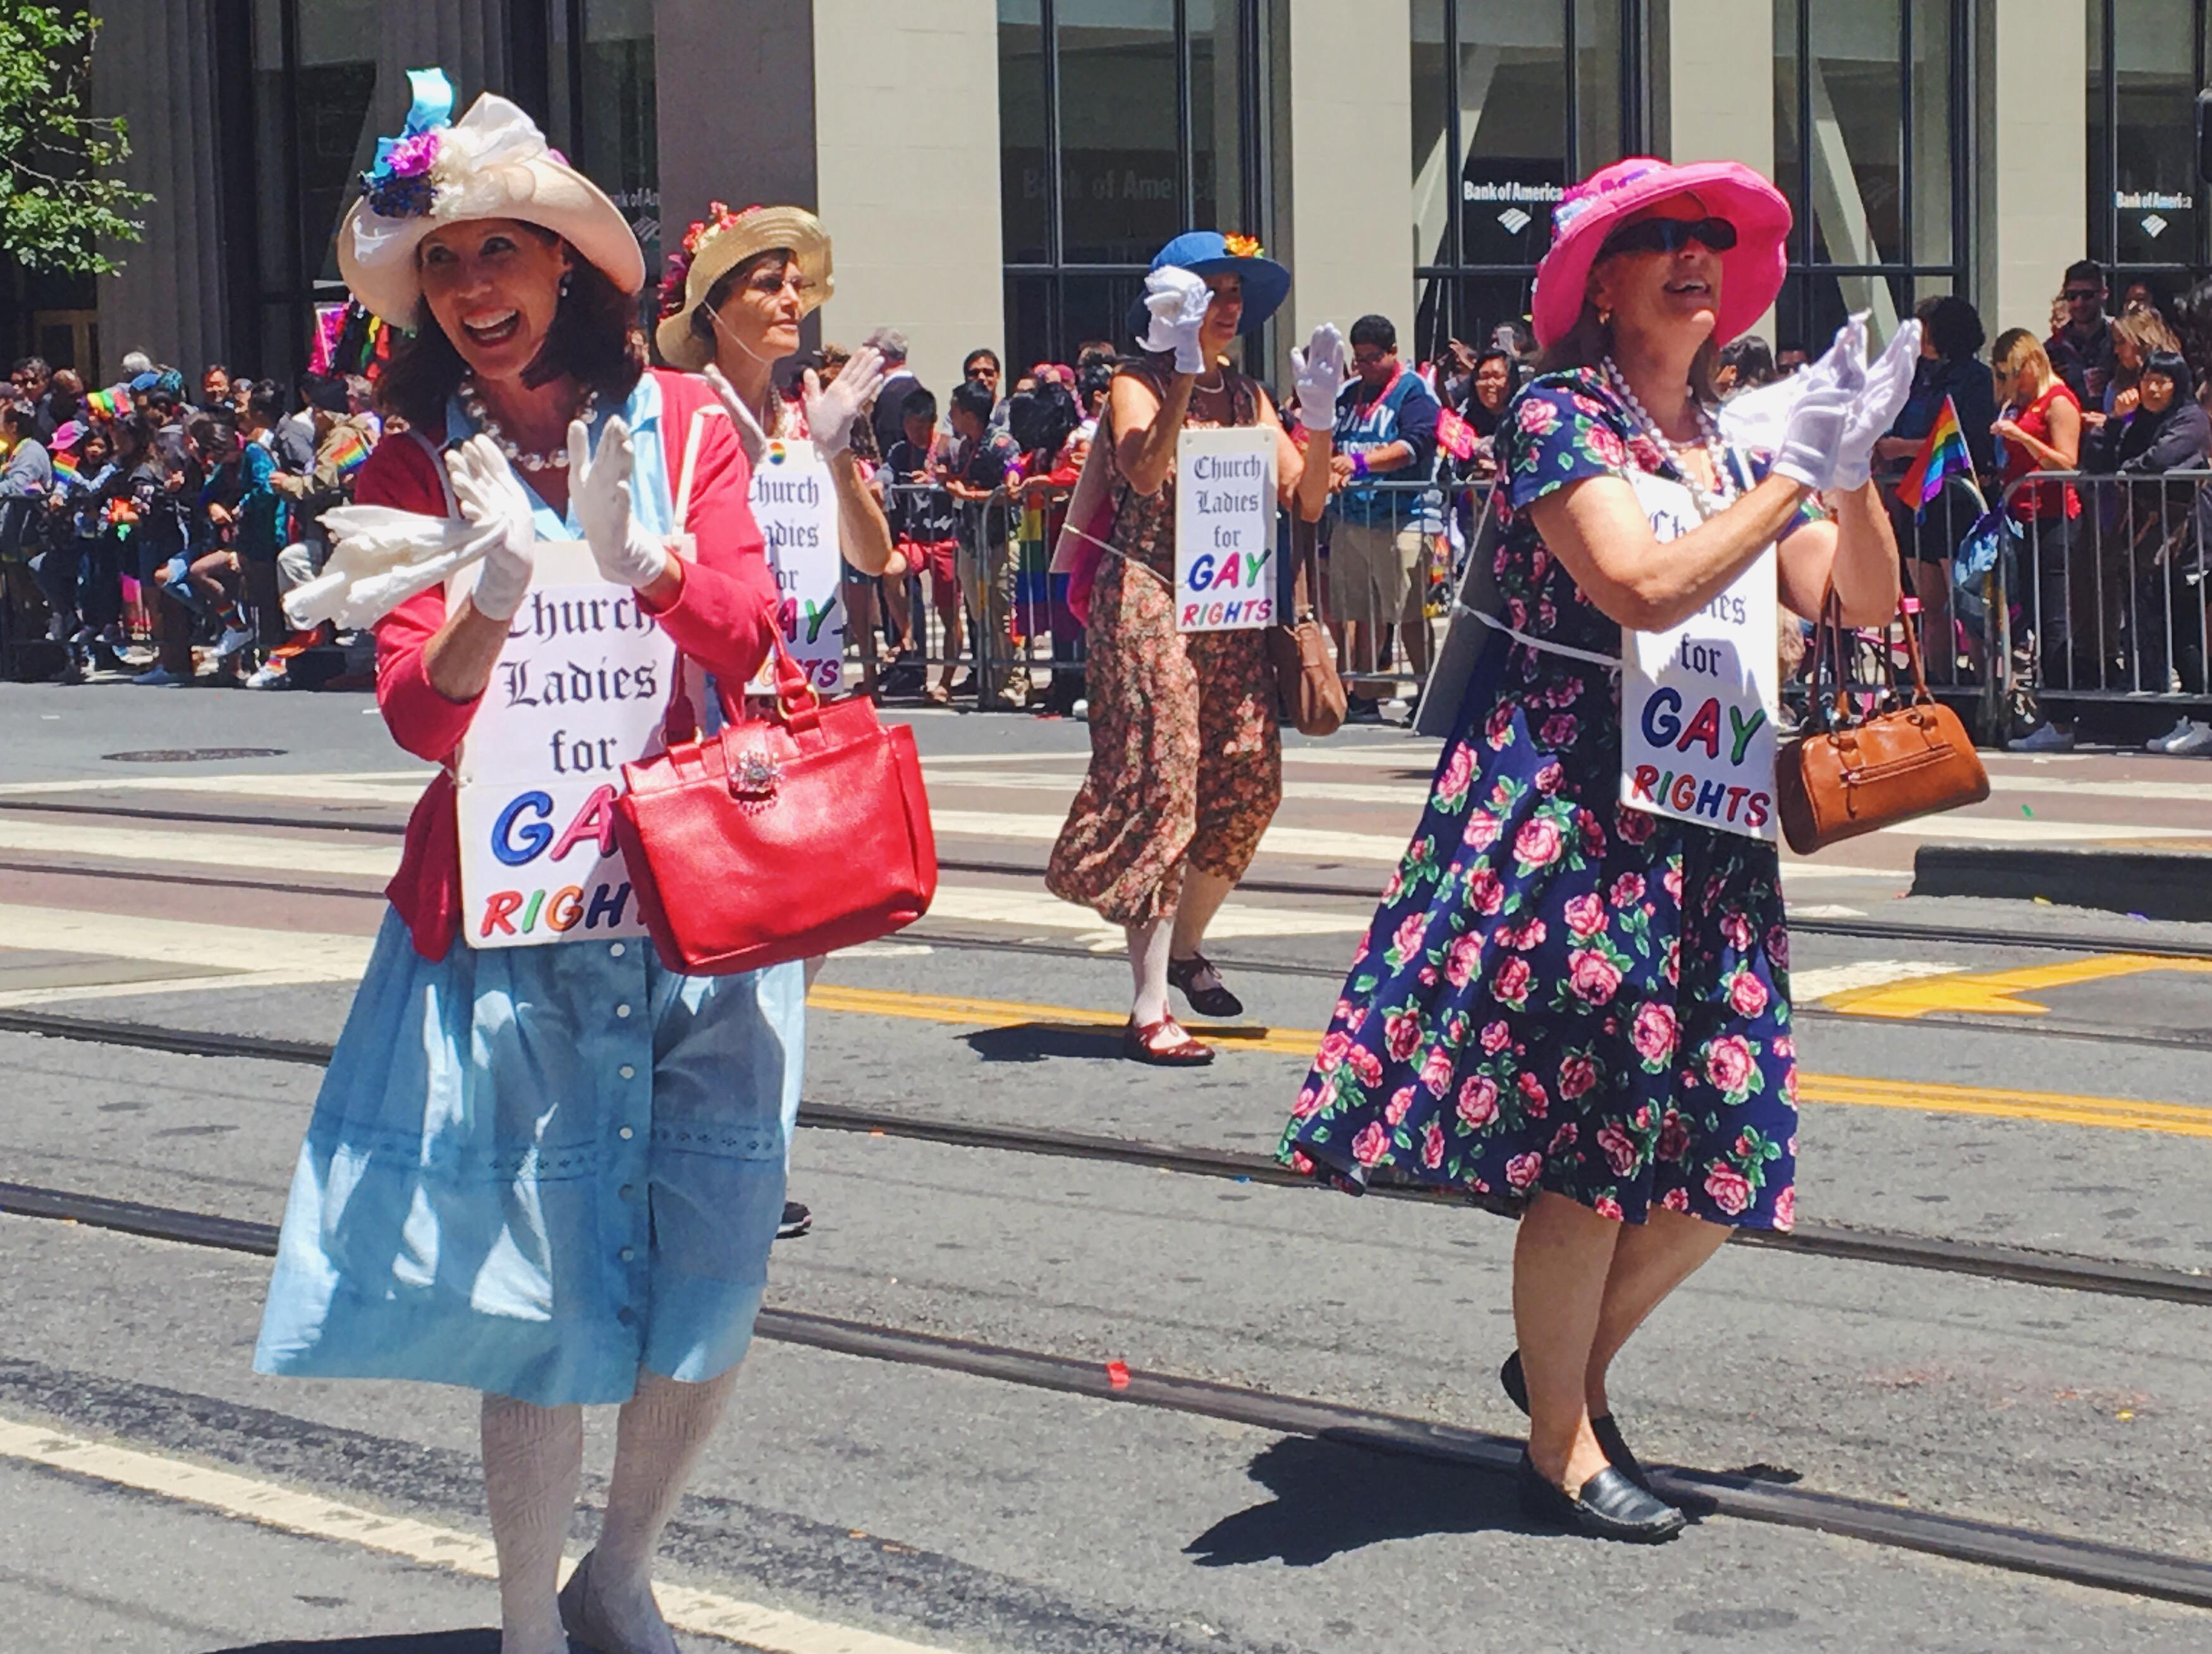 Le donne di chiesa a favore dei diritti gay - L'evento migliore di San Francisco - la LGBTQ Pride Parade